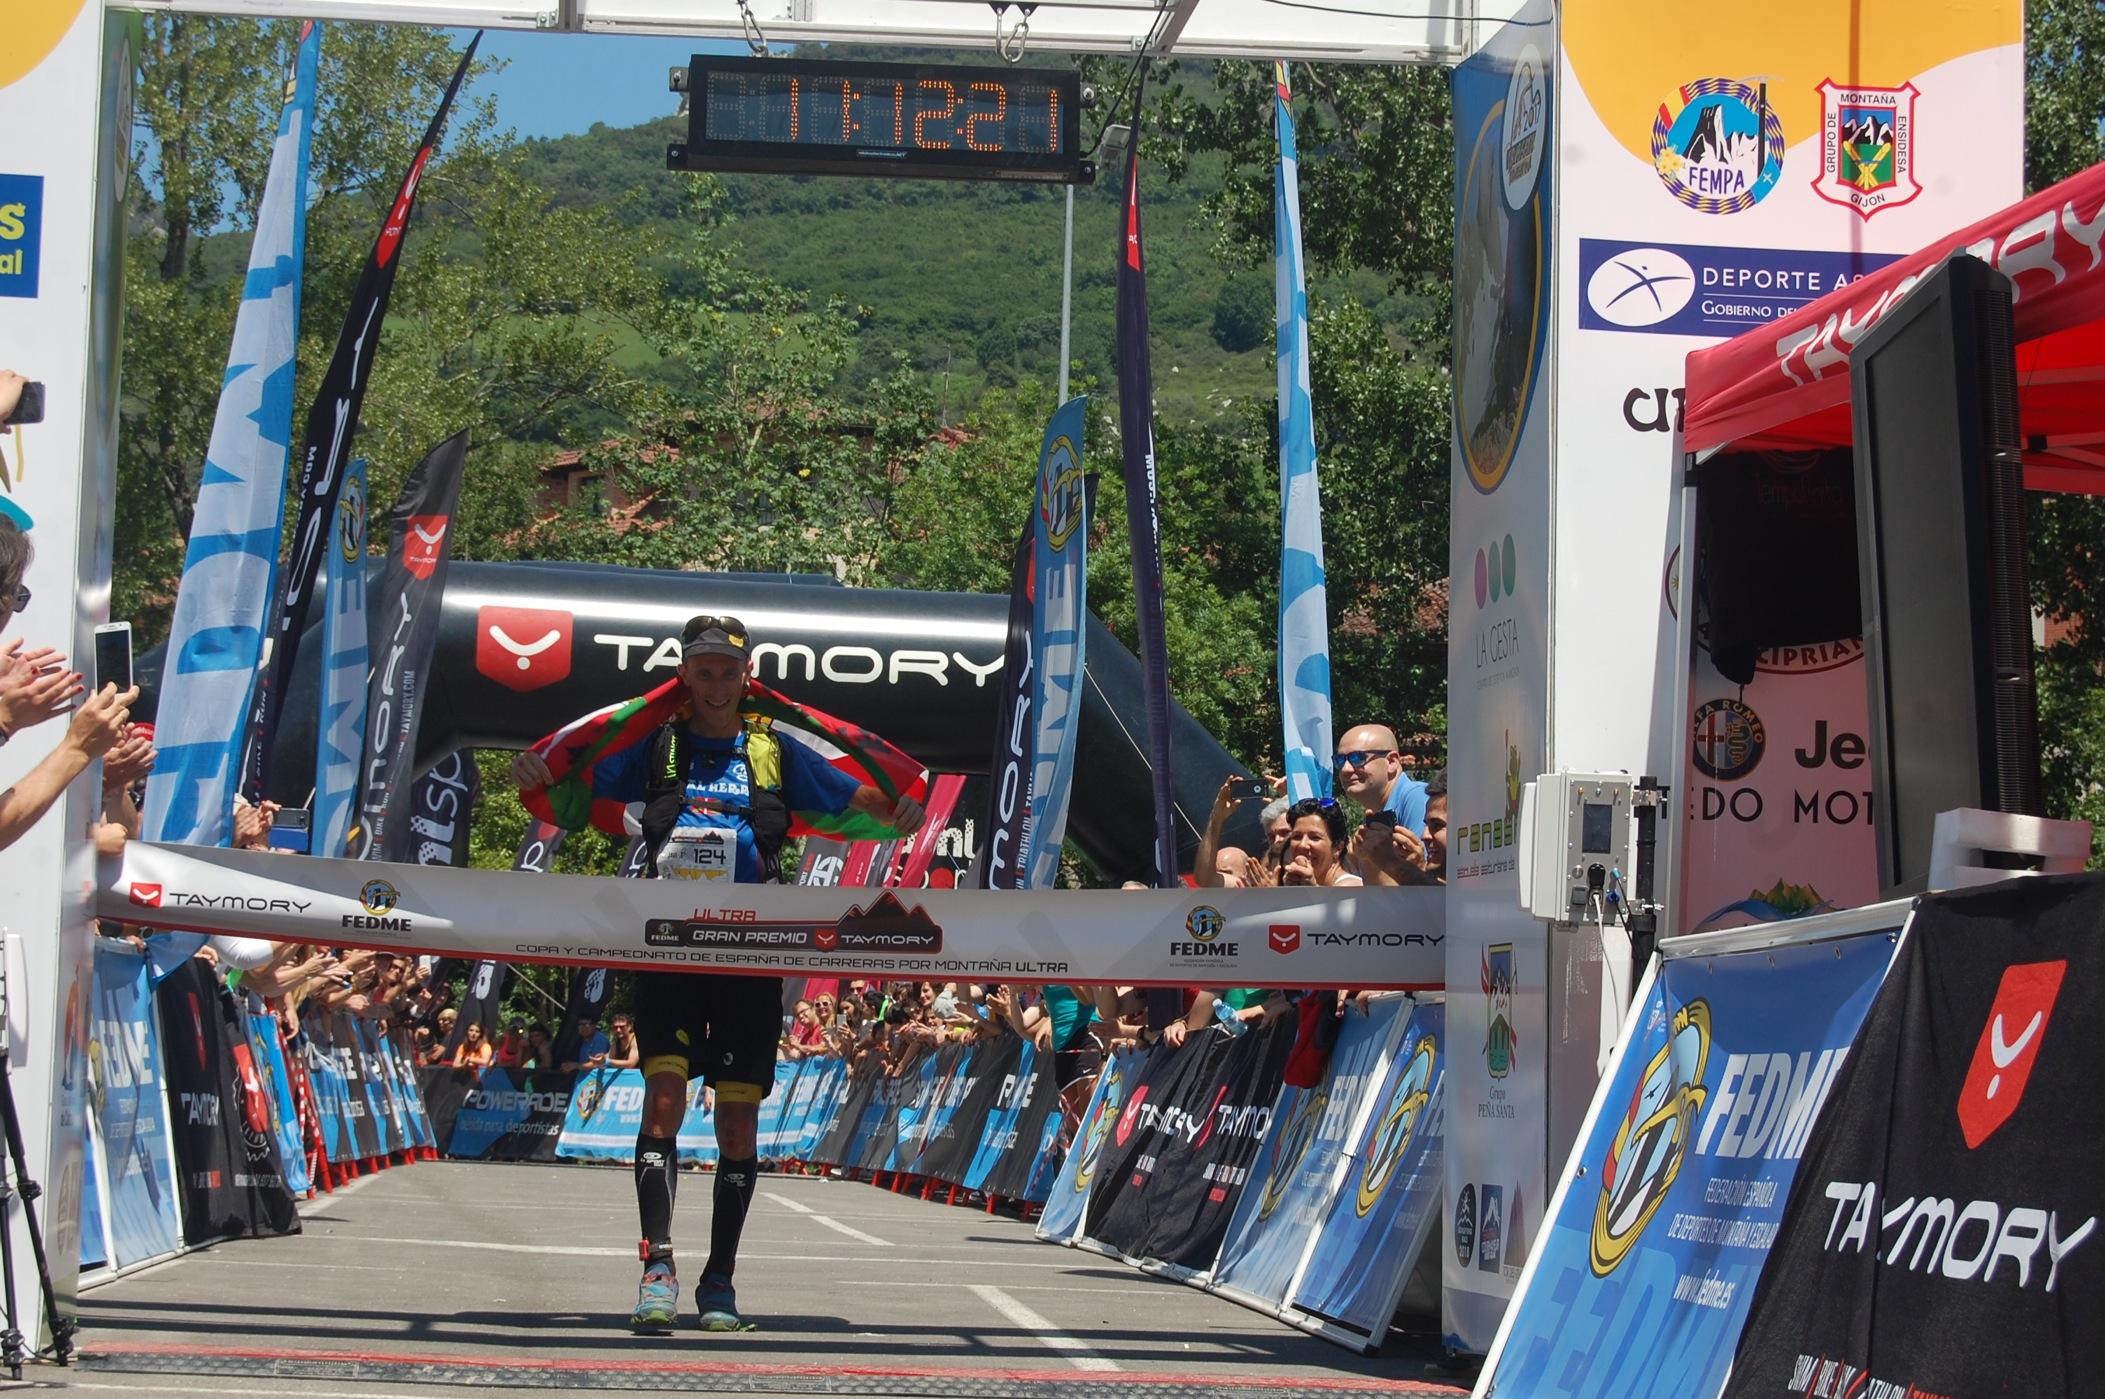 Javi Domínguez y Eva María Moreda se proclaman Campeones de España de Carreras por Montaña Ultra GP Taymory en la Travesera Integral Picos de Europa